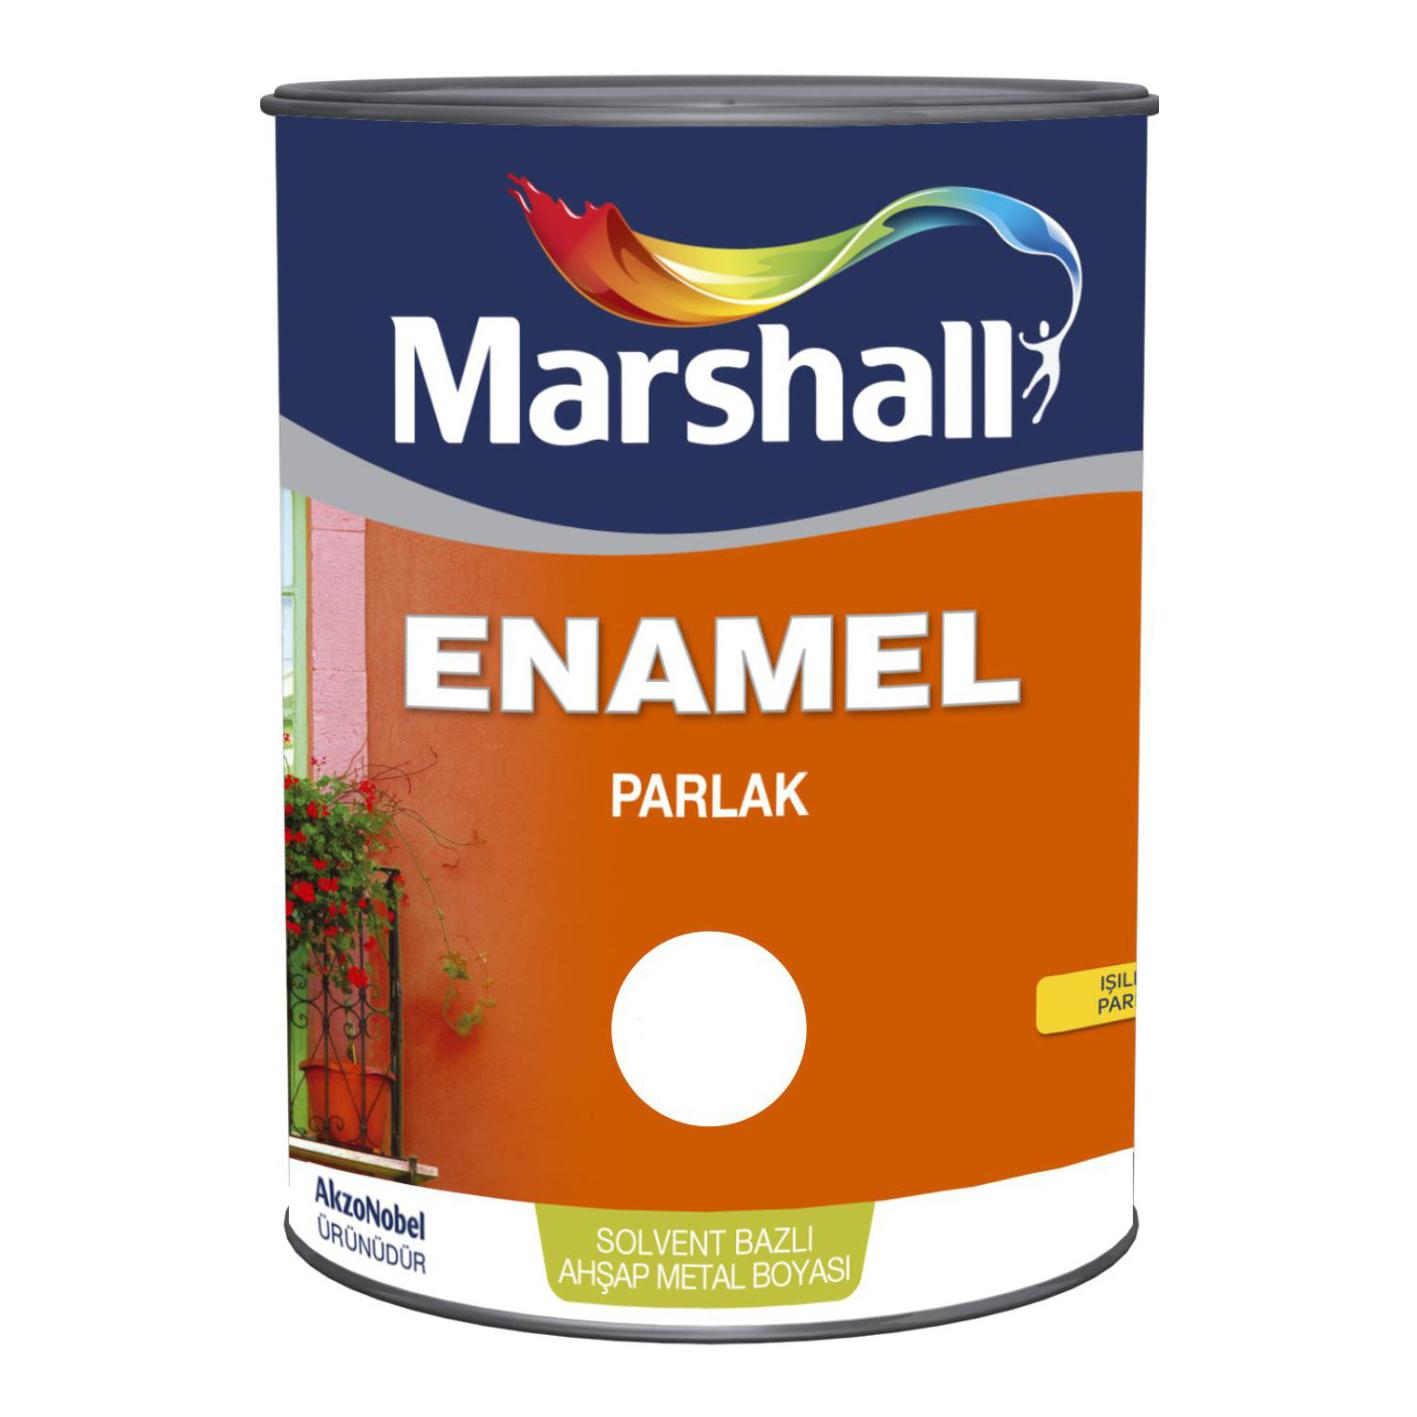 Marshall Enamel Parlak Nefti Yeşil 0.75Lt